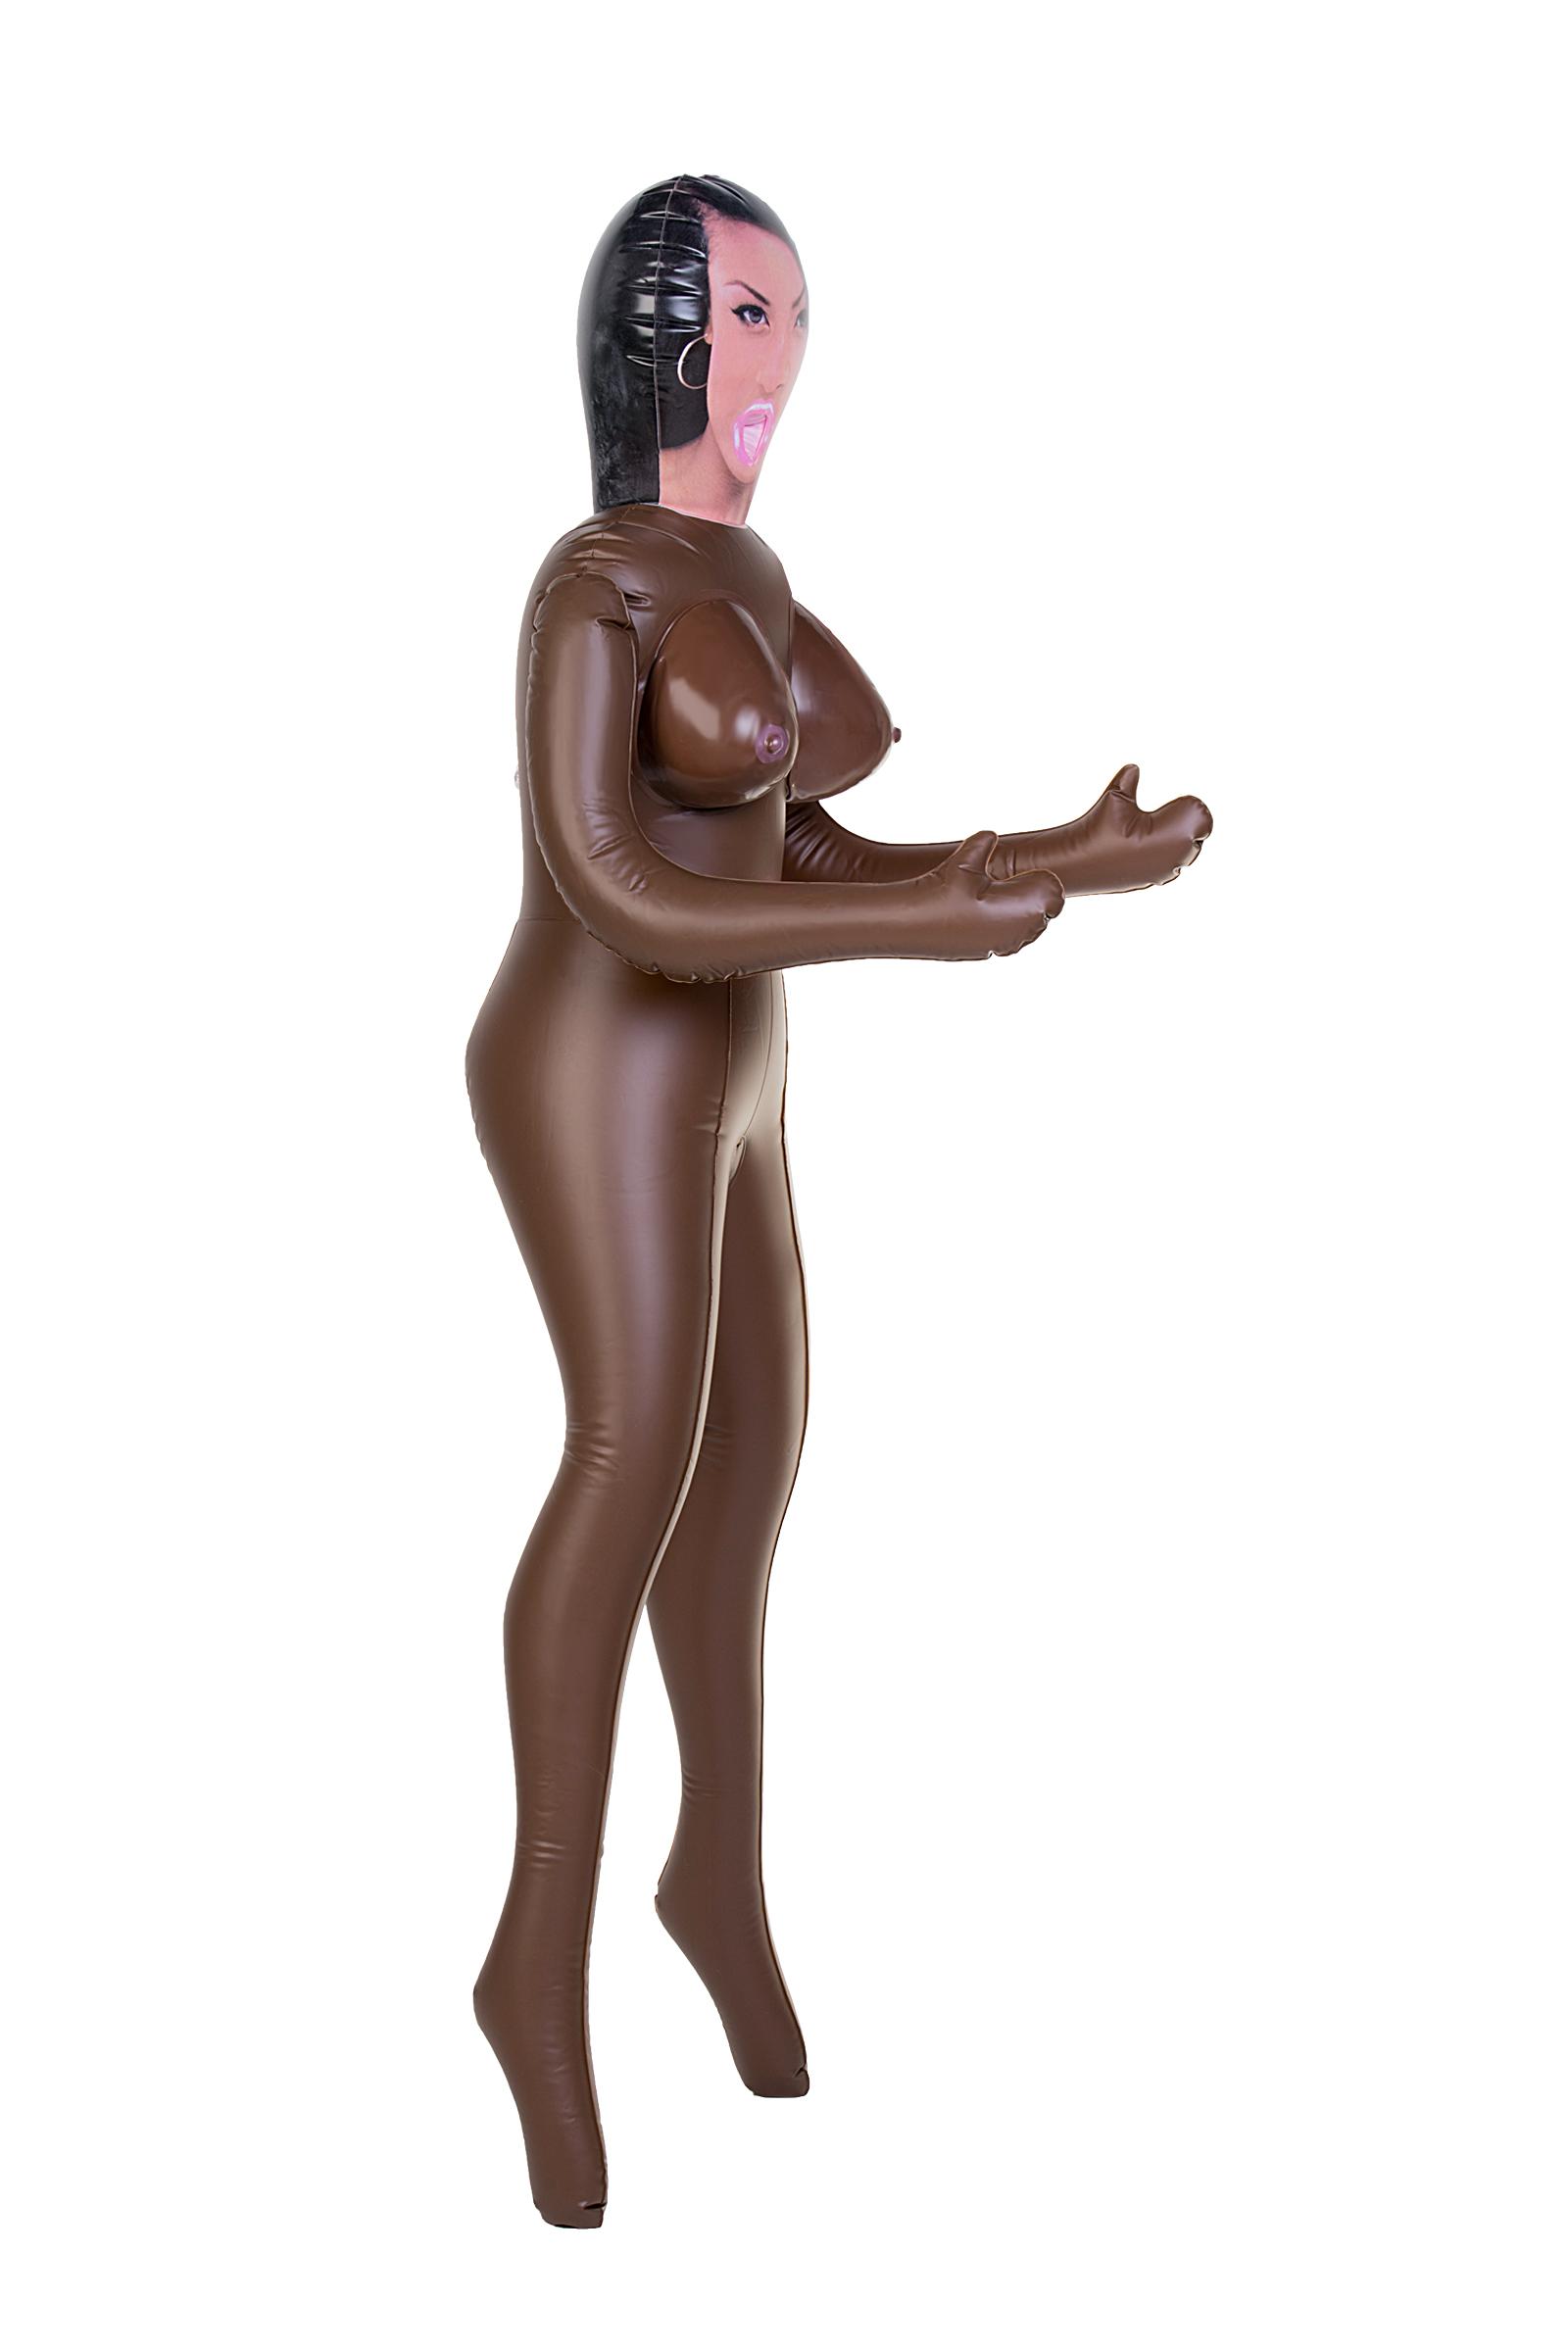 Кукла надувная, Michelle, негритянка, TOYFA Dolls-X,  с тремя отверстиями, 160 см